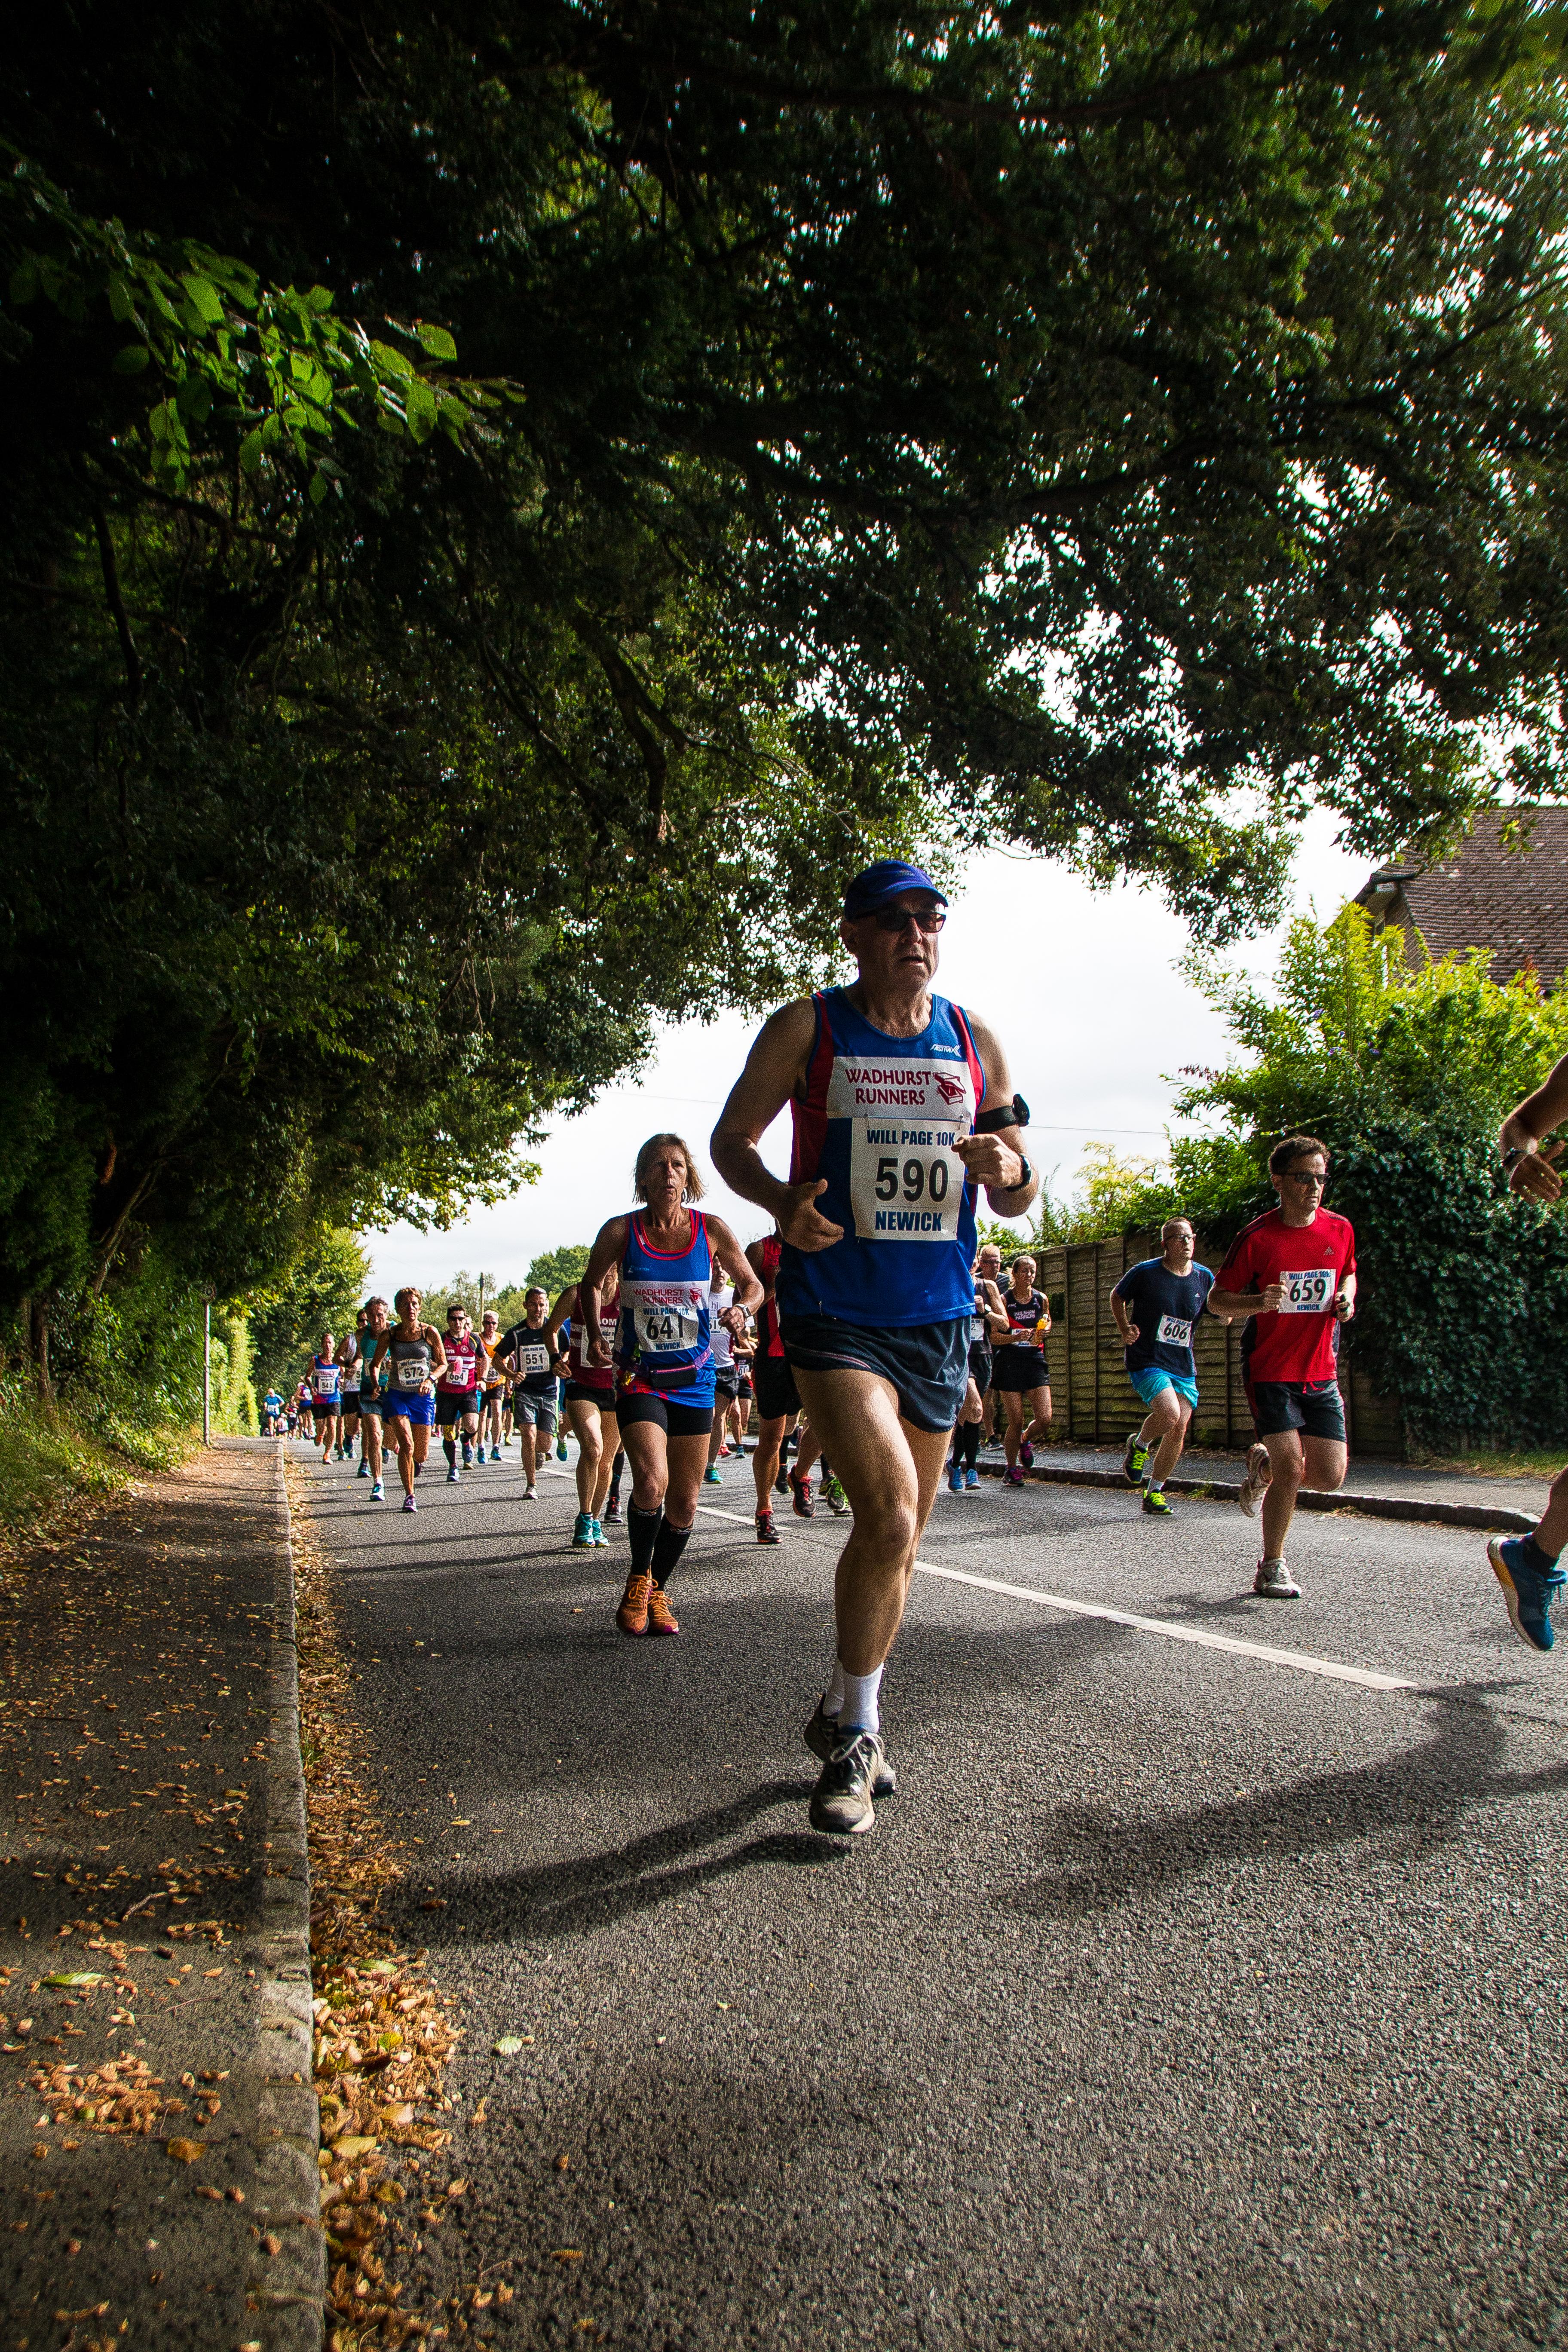 Runner - 590